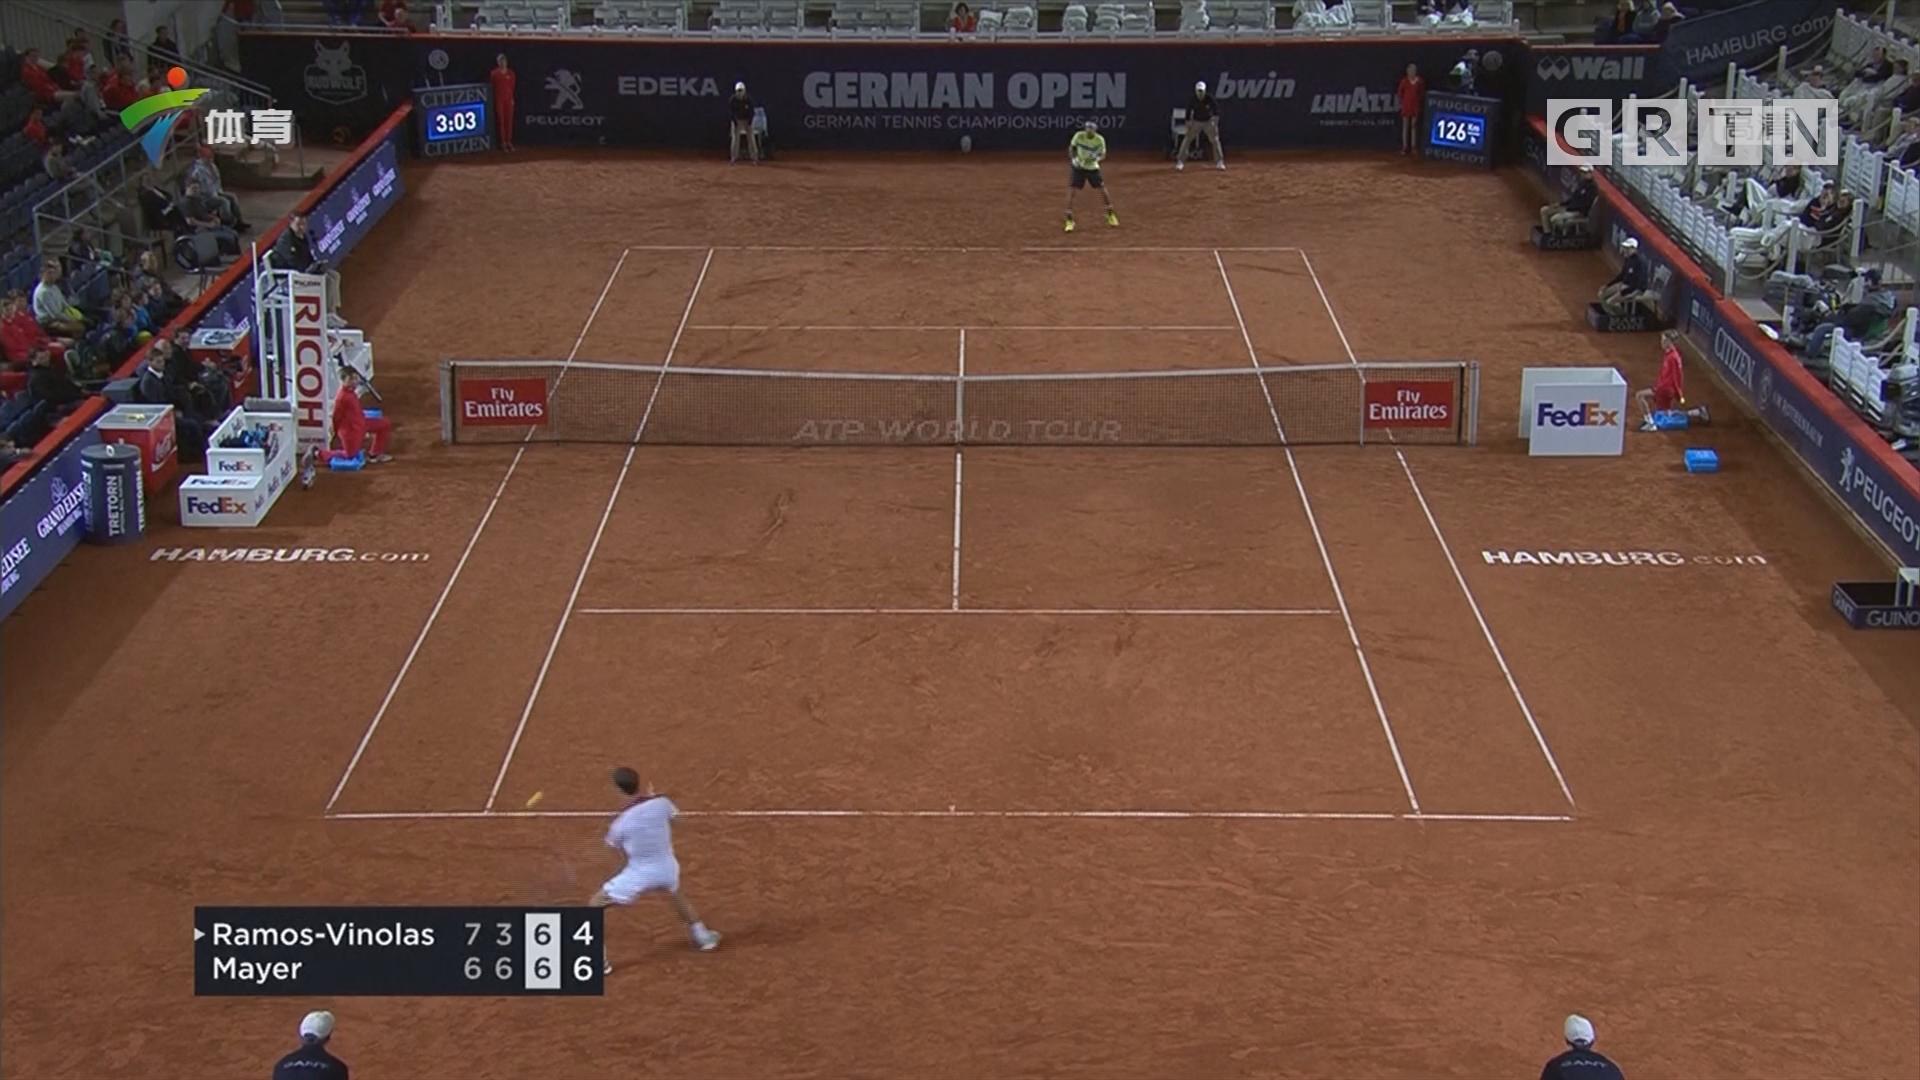 汉堡网球公开赛首轮爆冷 头号种子遭淘汰